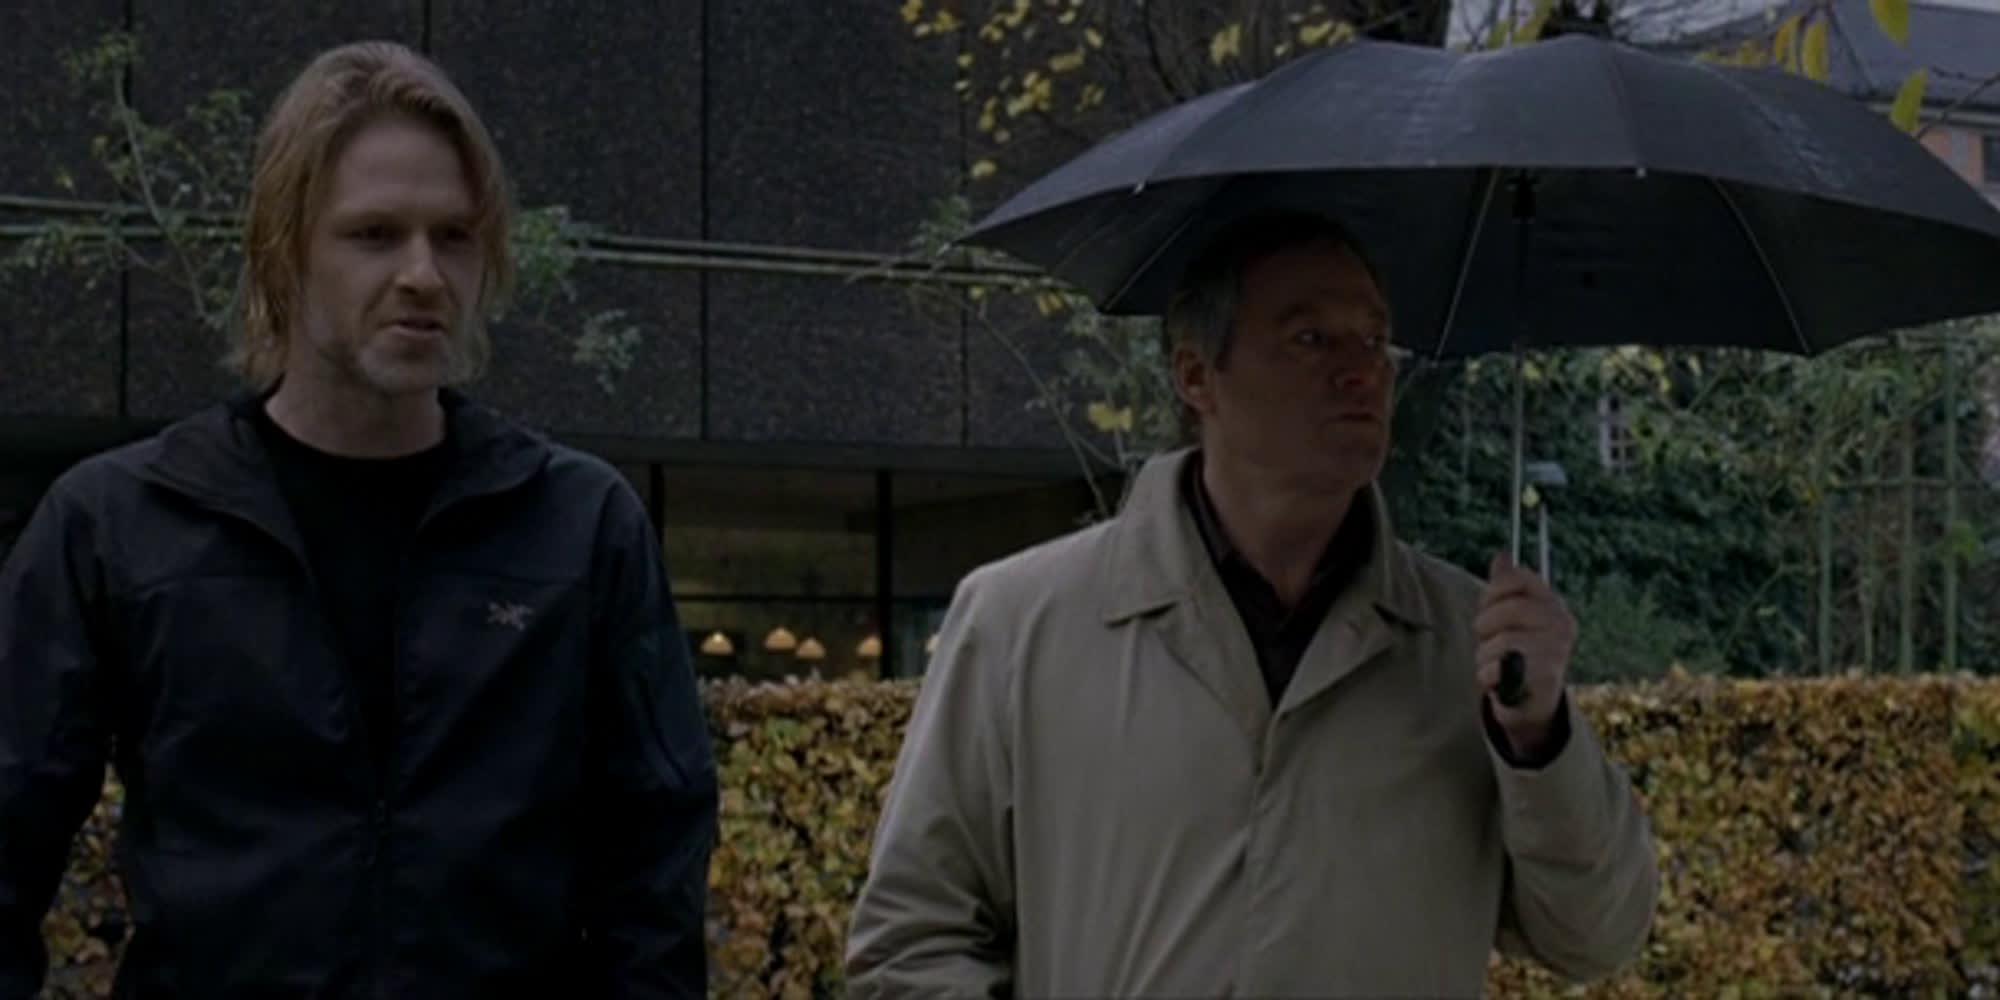 Utsnitt fra filmen Varg Veum - Bitre blomster.